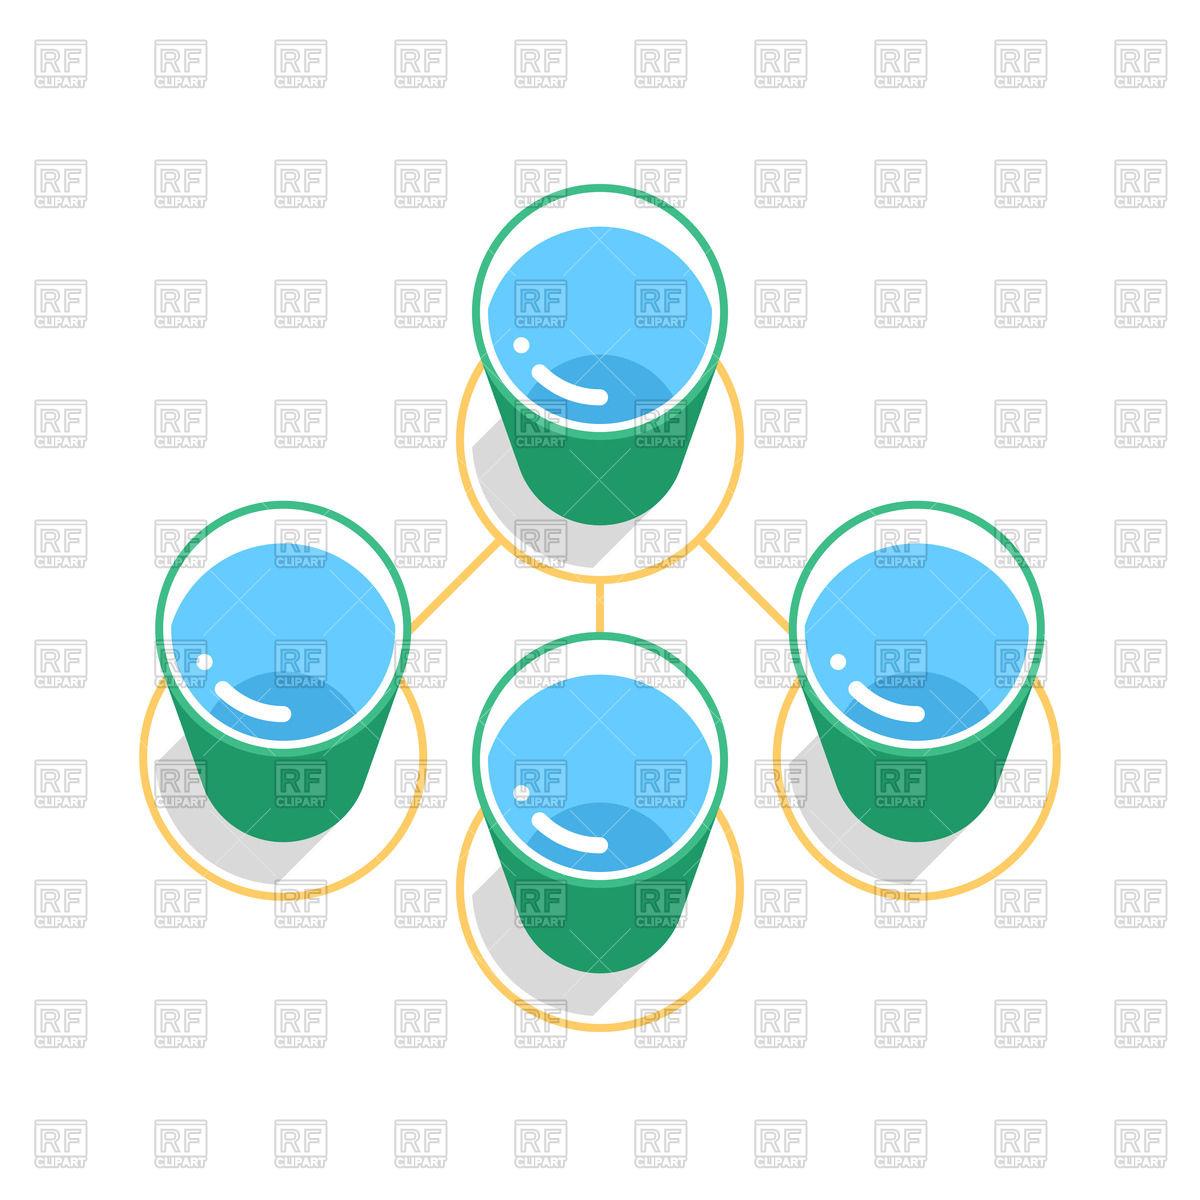 1200x1200 Scheme With Buckets